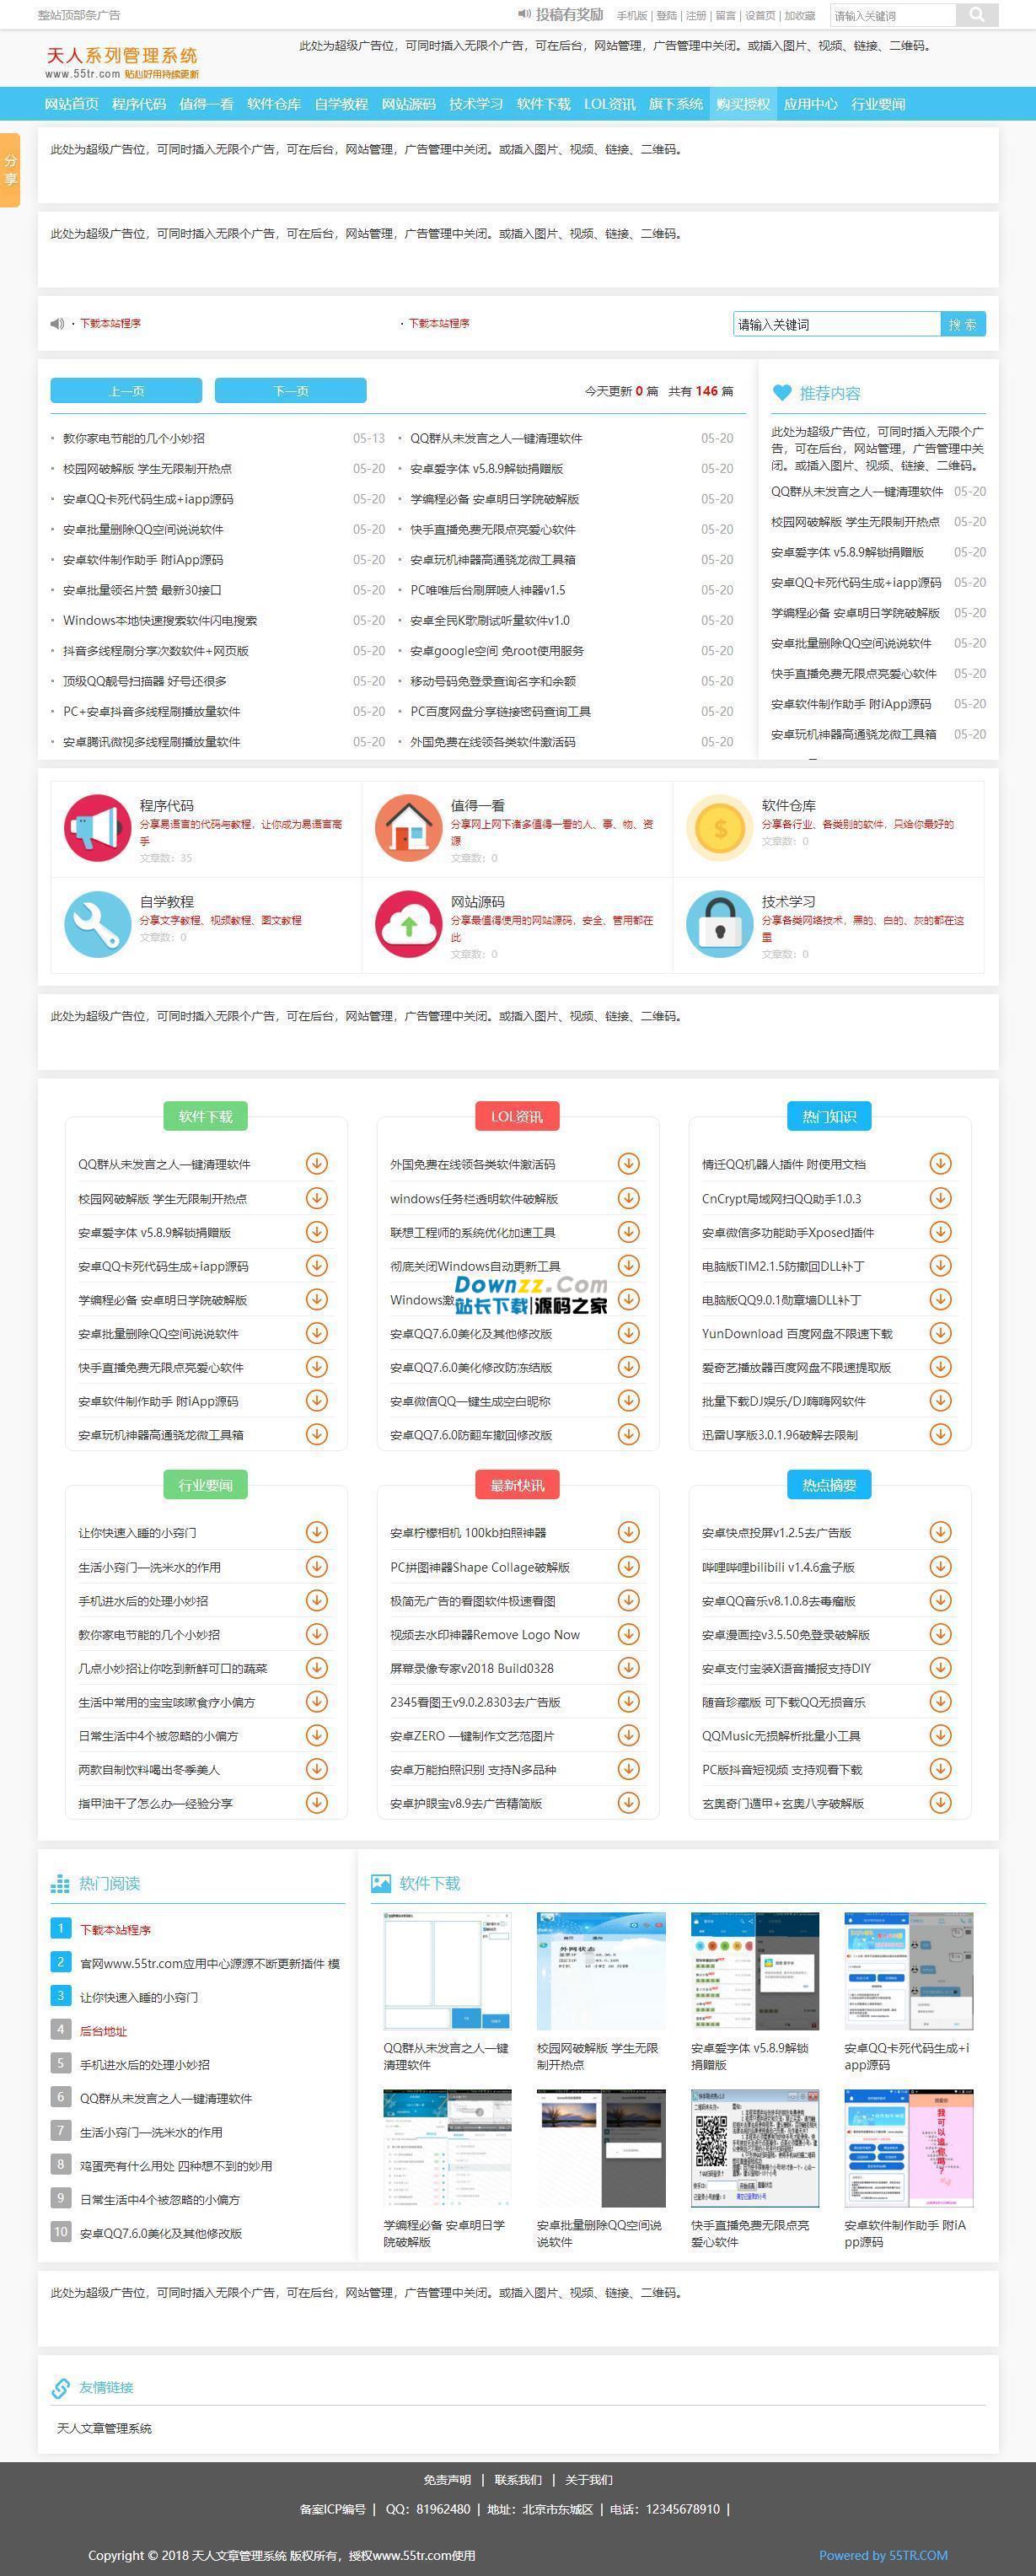 清爽娱乐网源码 v4.27